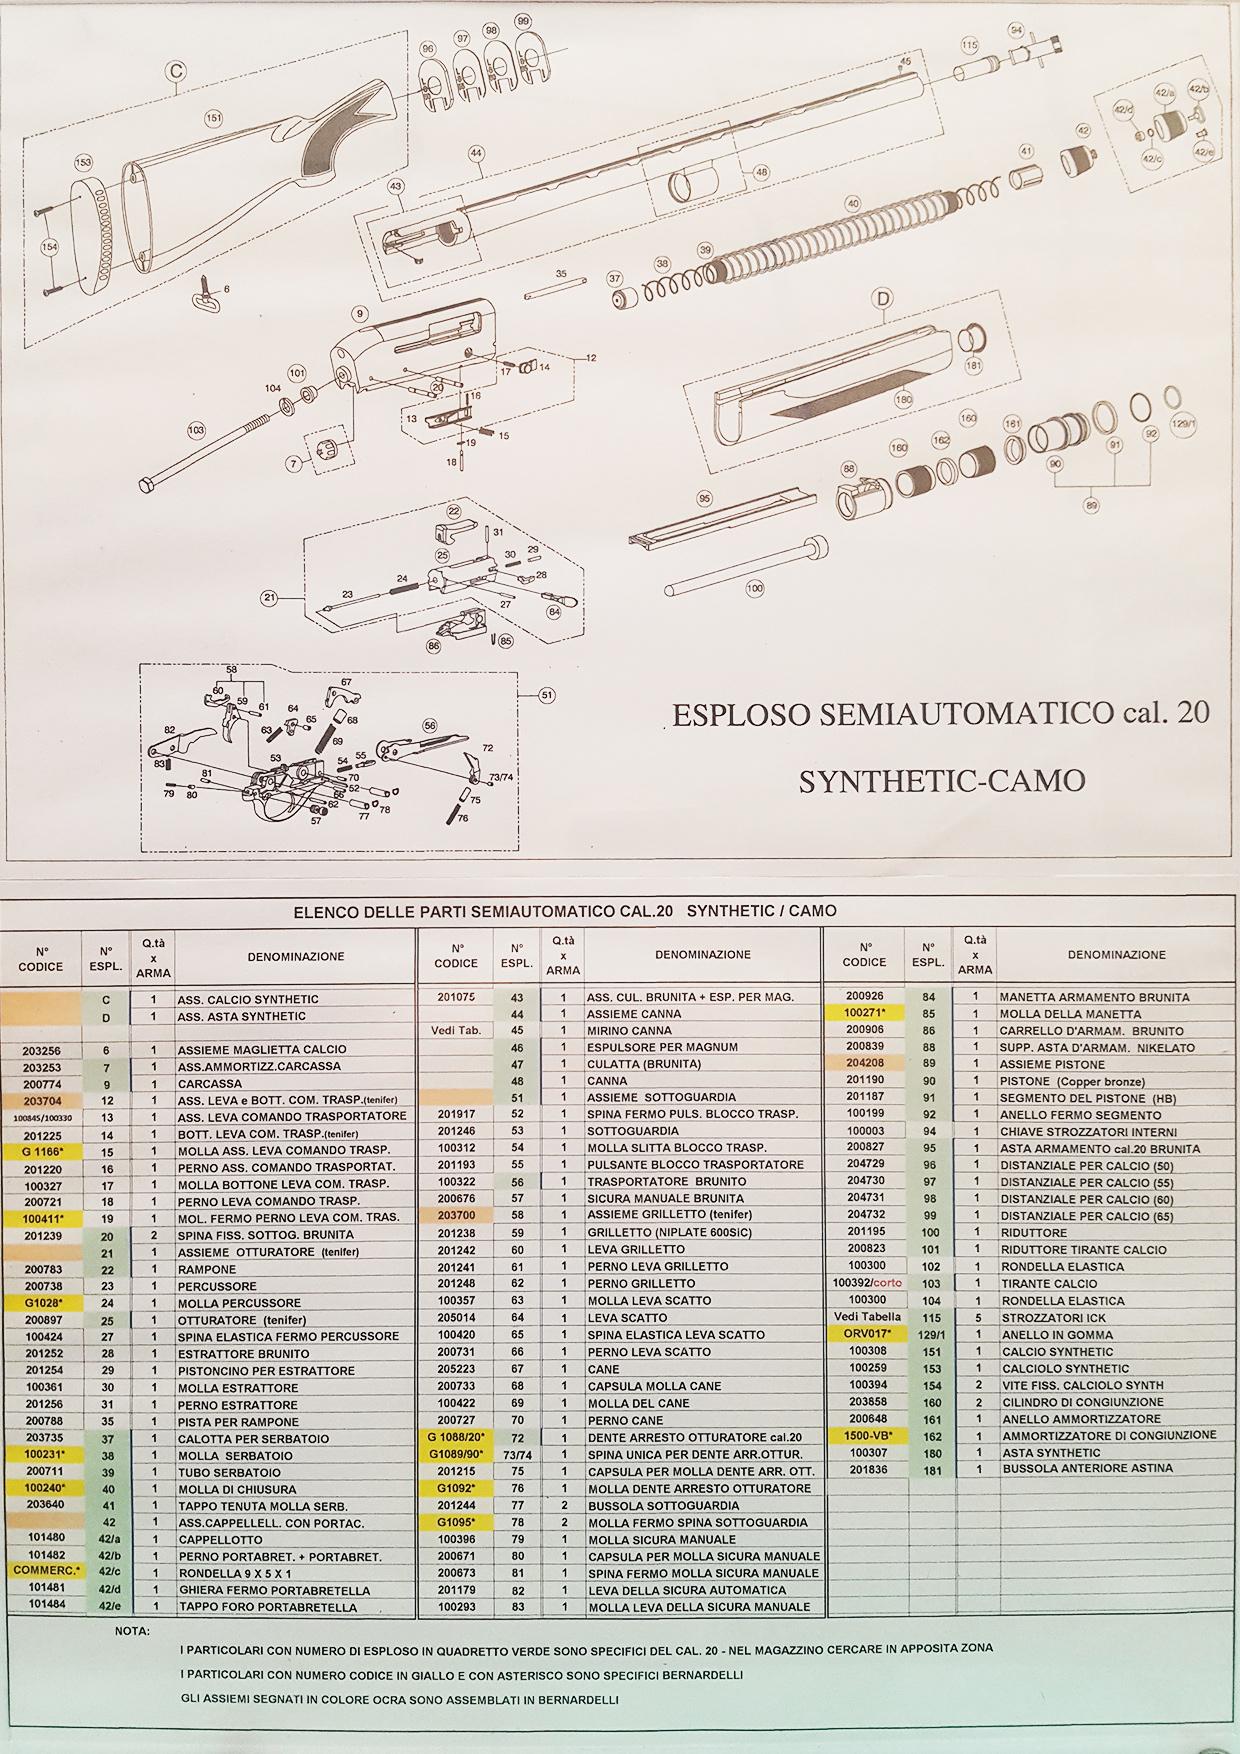 semiautomatico-cal20-sythetic-camo